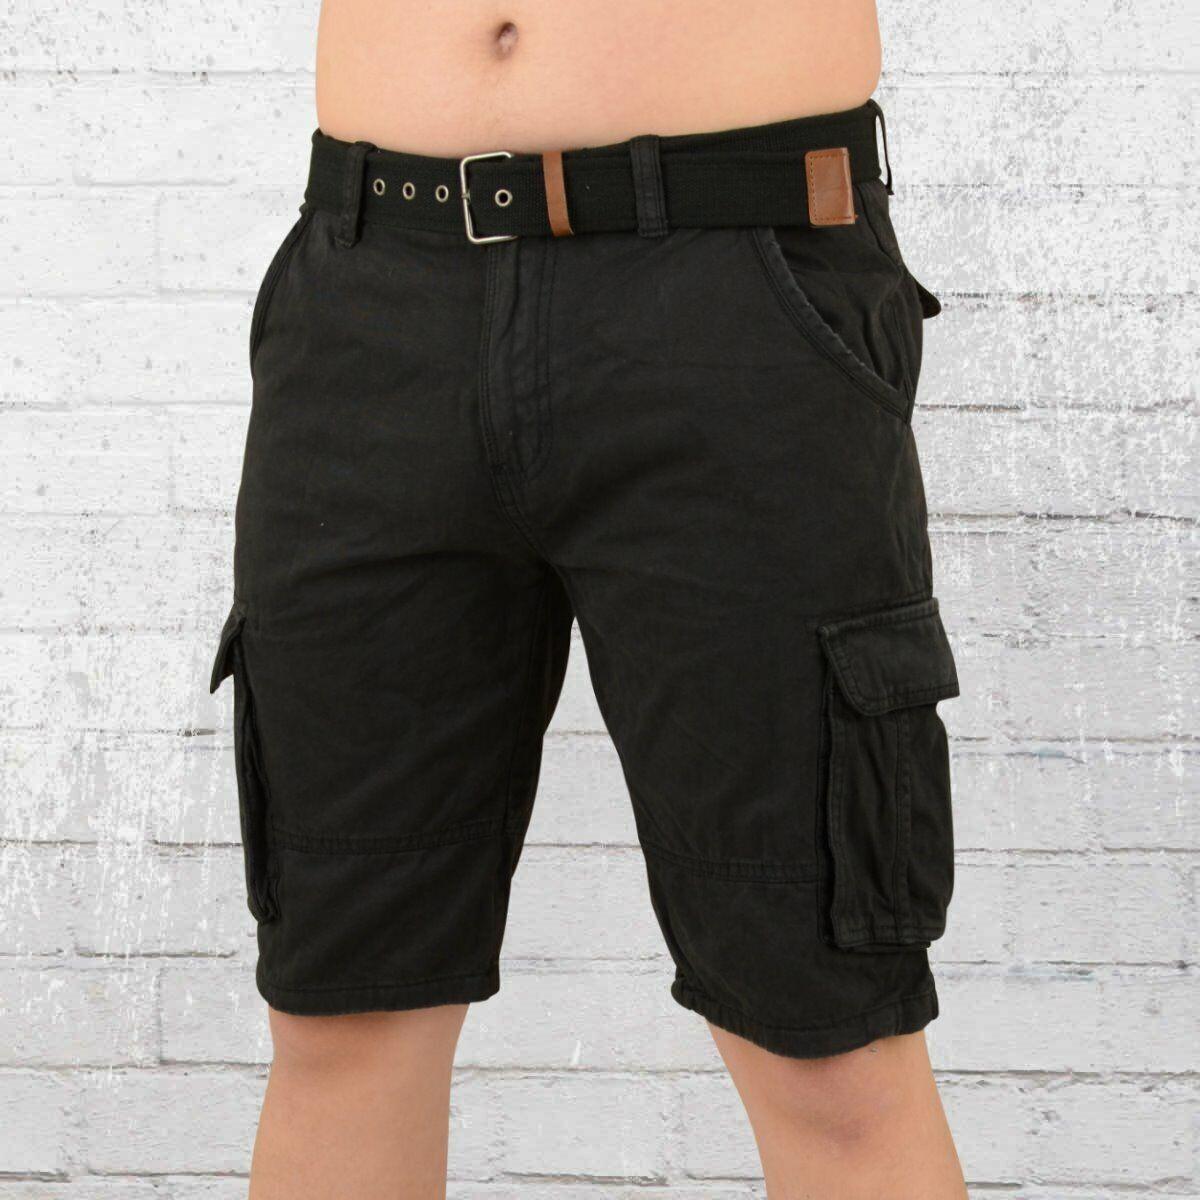 Indicode Männer Cargo Shorts Monroe schwarz kurze Hose mit Seitentaschen